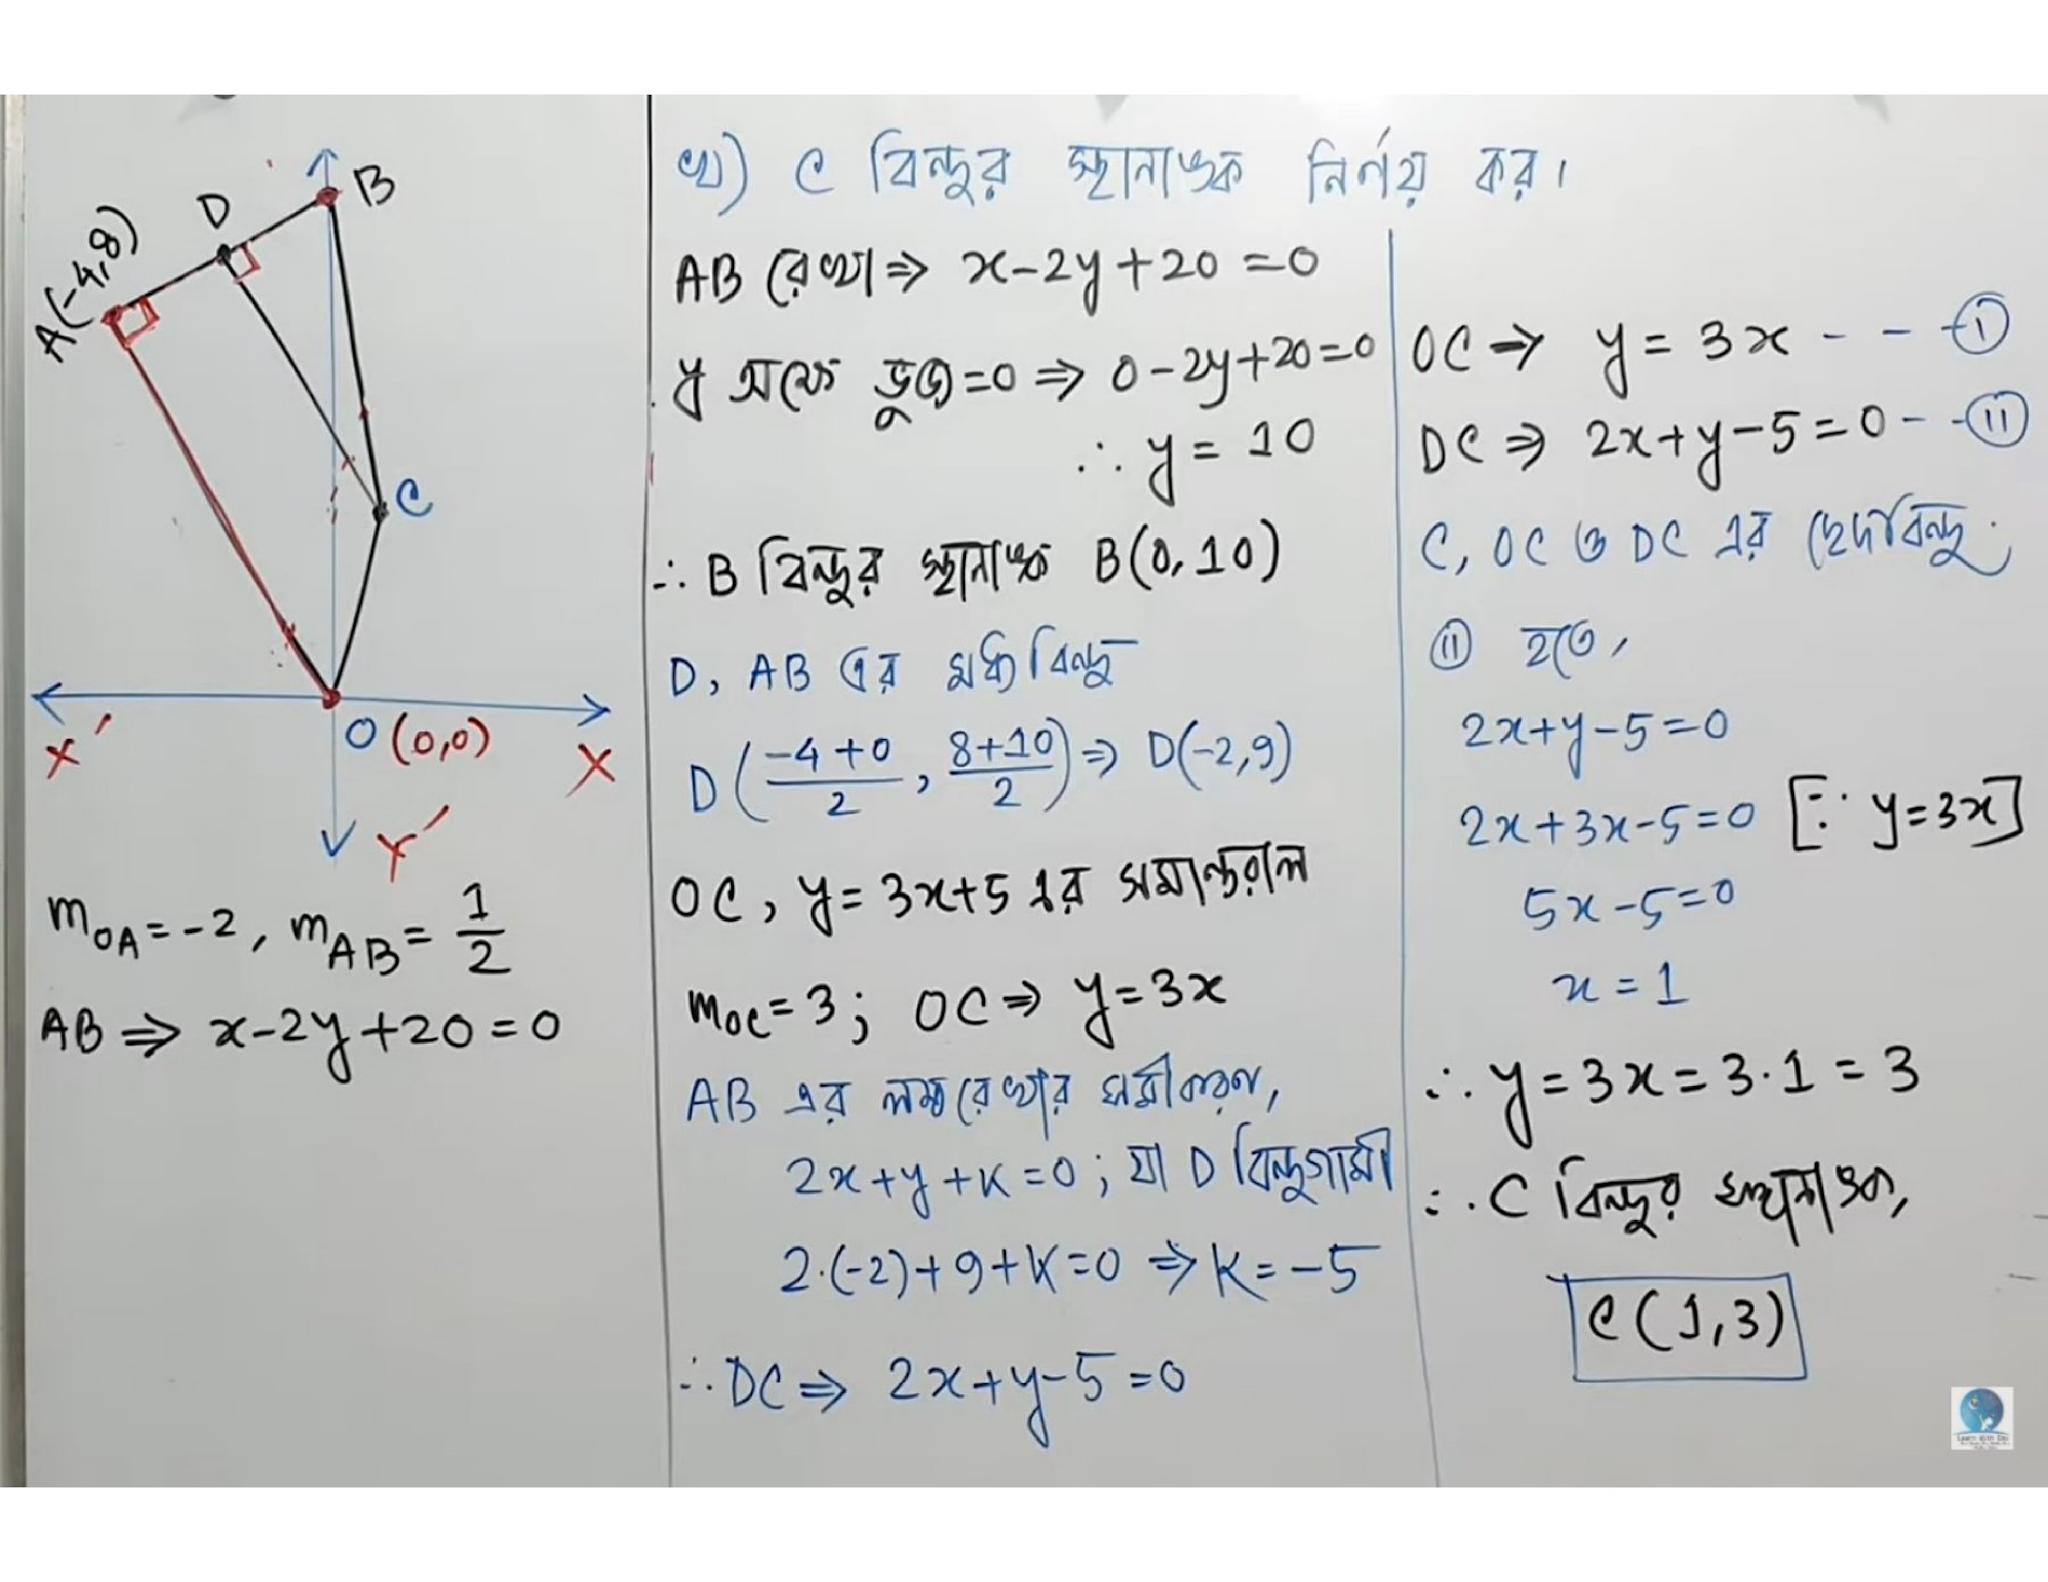 স্থানাঙ্ক জ্যামিতির মাধ্যমে সরলরেখা সংক্রান্ত সমস্যা সমাধান: চিত্রে OABC একটি চতুর্ভুজ। A(-k, 2k), k> 0 এবং OA =√80একক। 0C রেখা, y – 3x = 5 রেখার সমান্তরাল এবং C বিন্দুটি AB এর লম্ব সমদ্বিখণ্ডক রেখার উপর অবস্থিত https://www.banglanewsexpress.com/